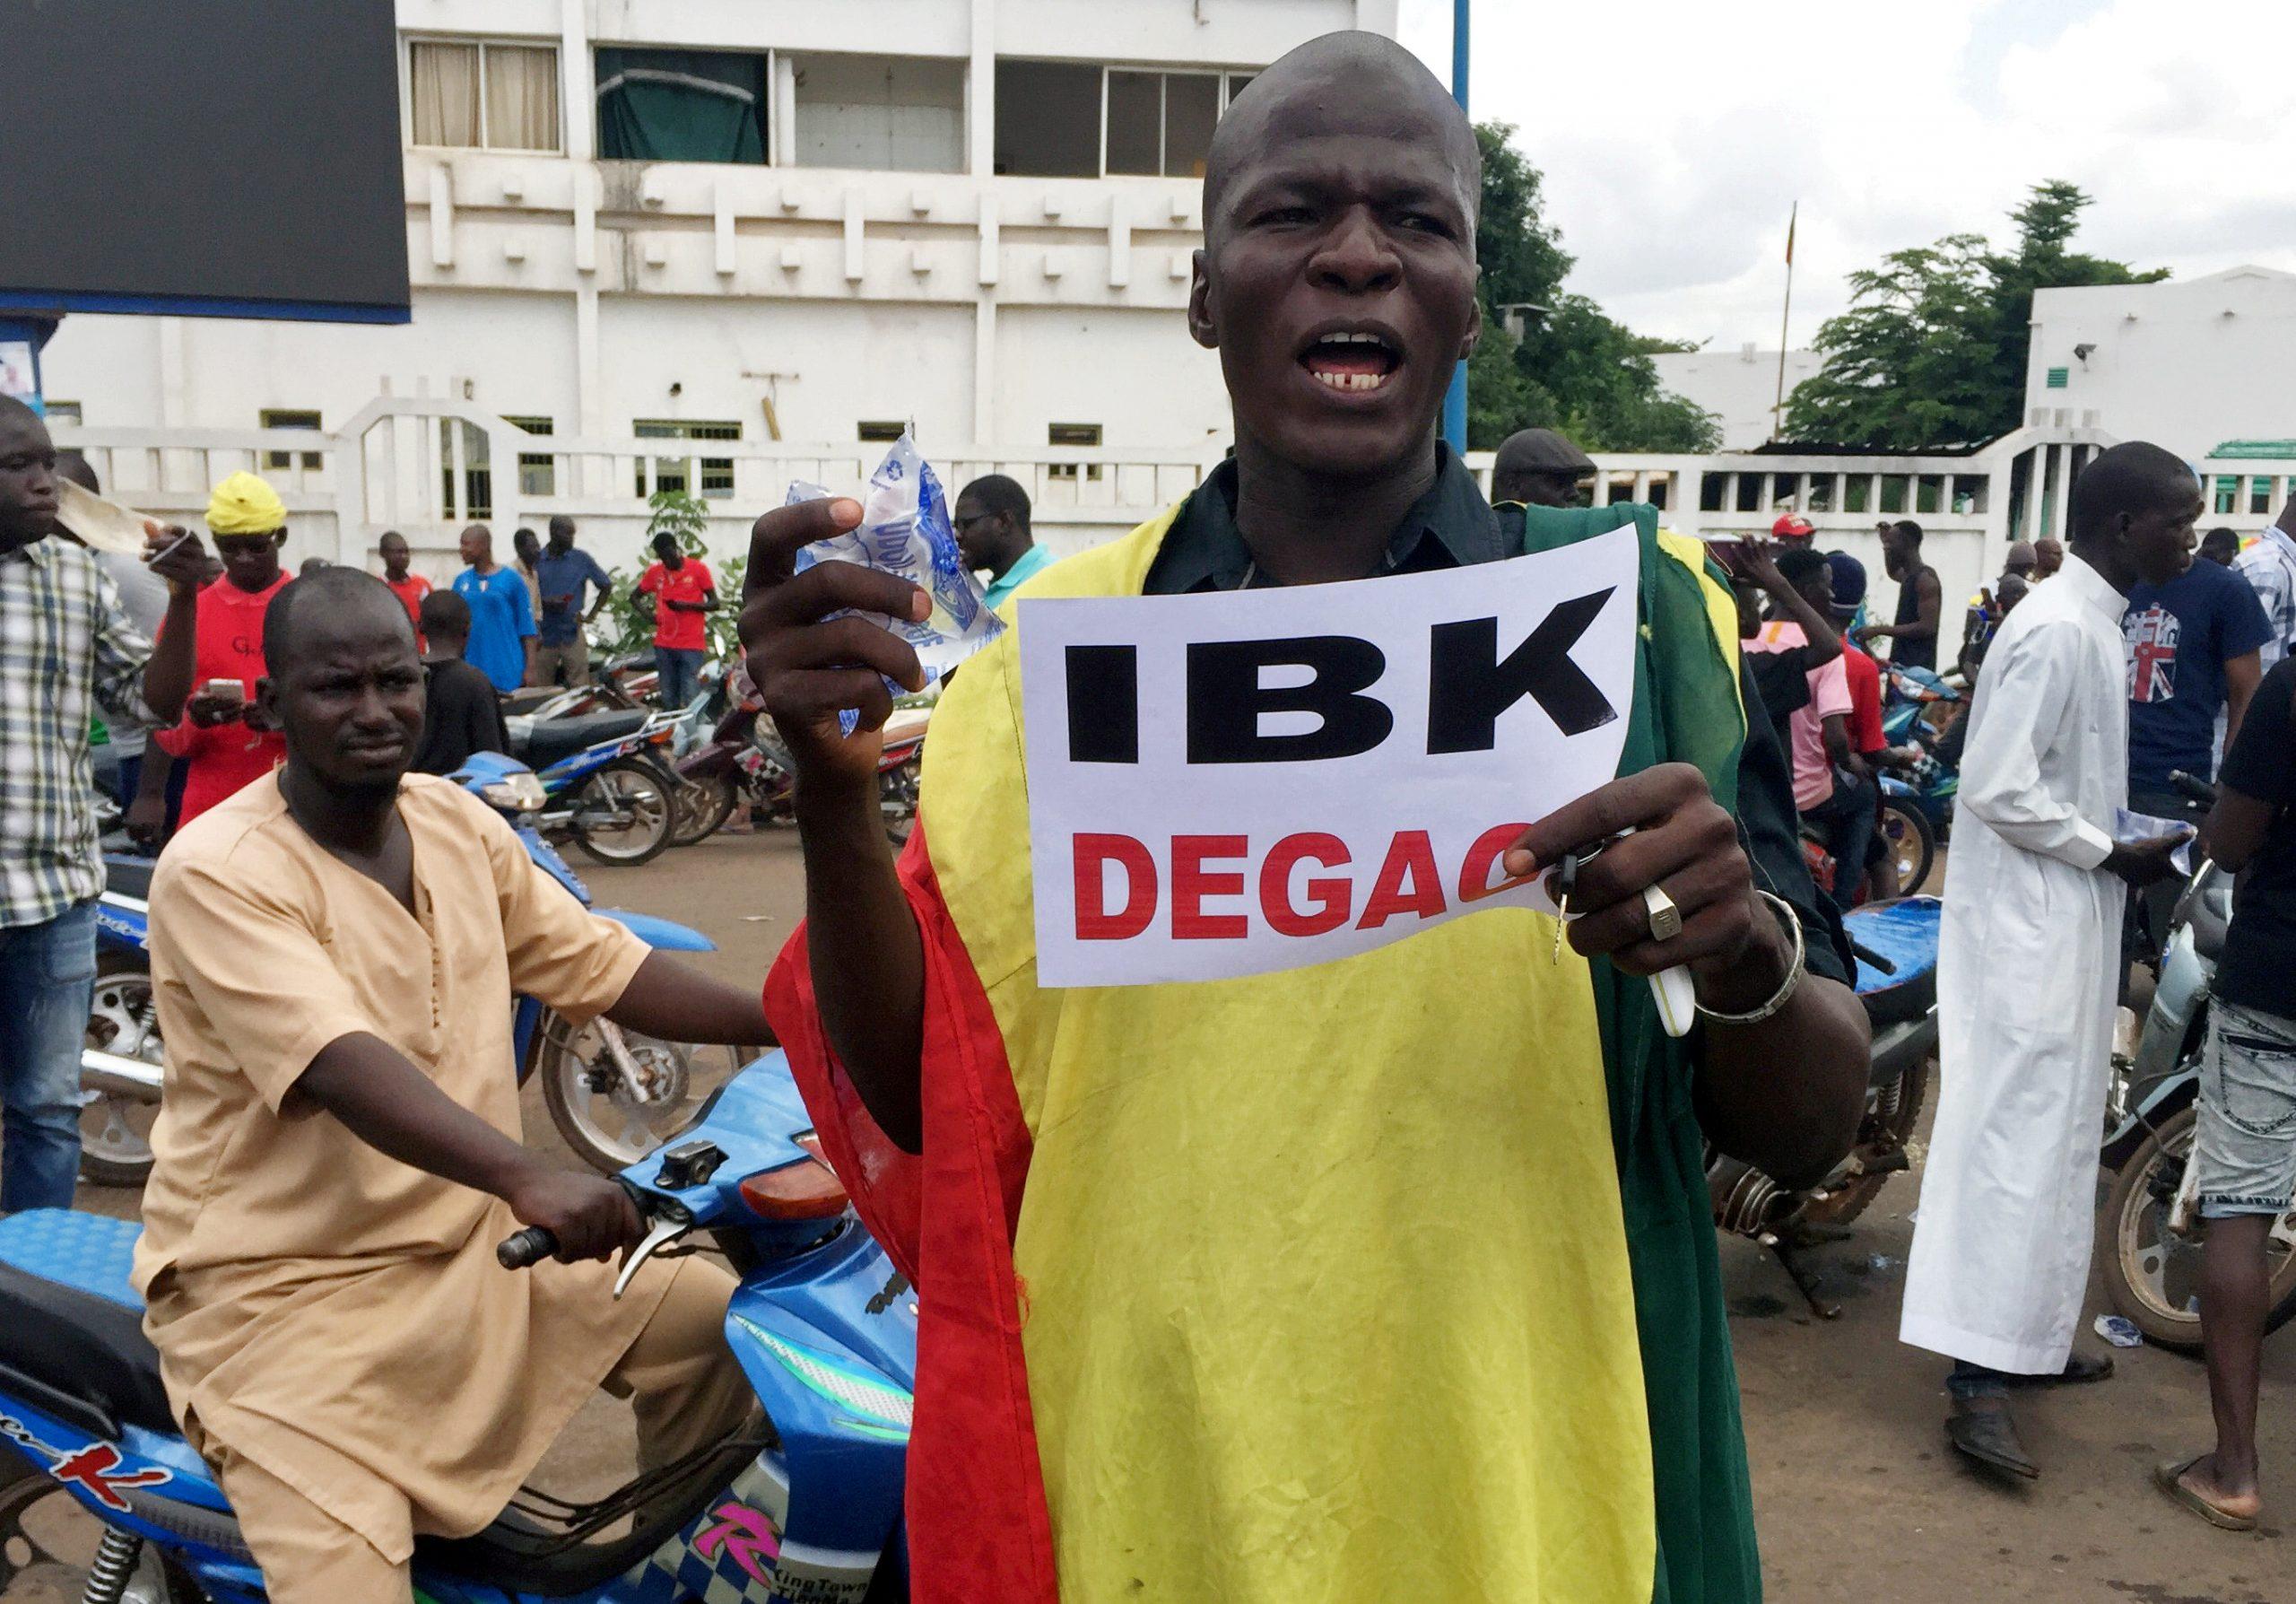 Des manifestants anti-IBK ont convergé sur la place de l'Indépendance, ce mardi 18 août, quelques heures après une mutinerie dans le camps militaire de Kati, près de Bamako.